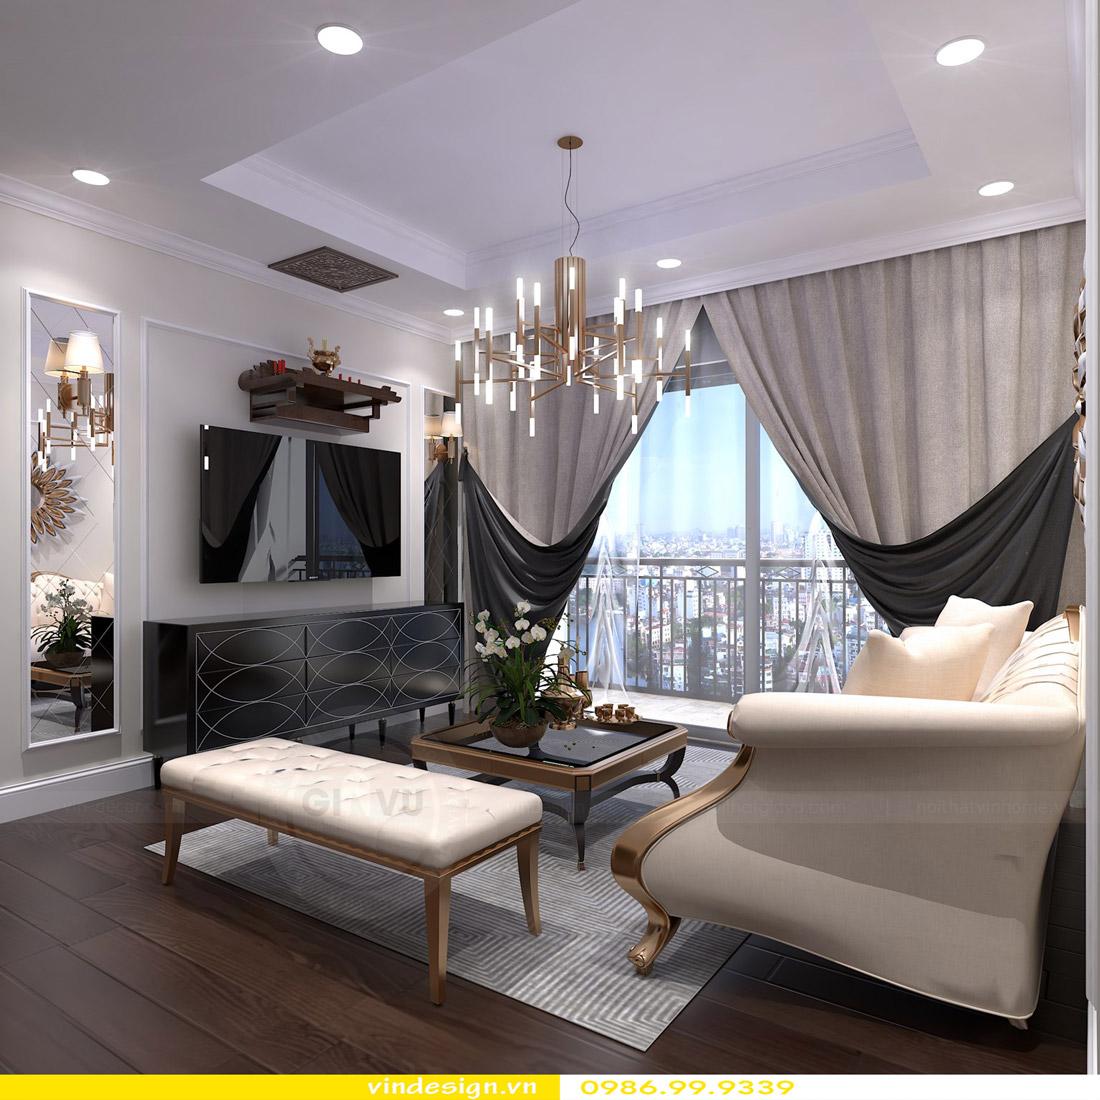 Thiết kế nội thất Vinhomes Green Bay - Call 0986999339 view 5